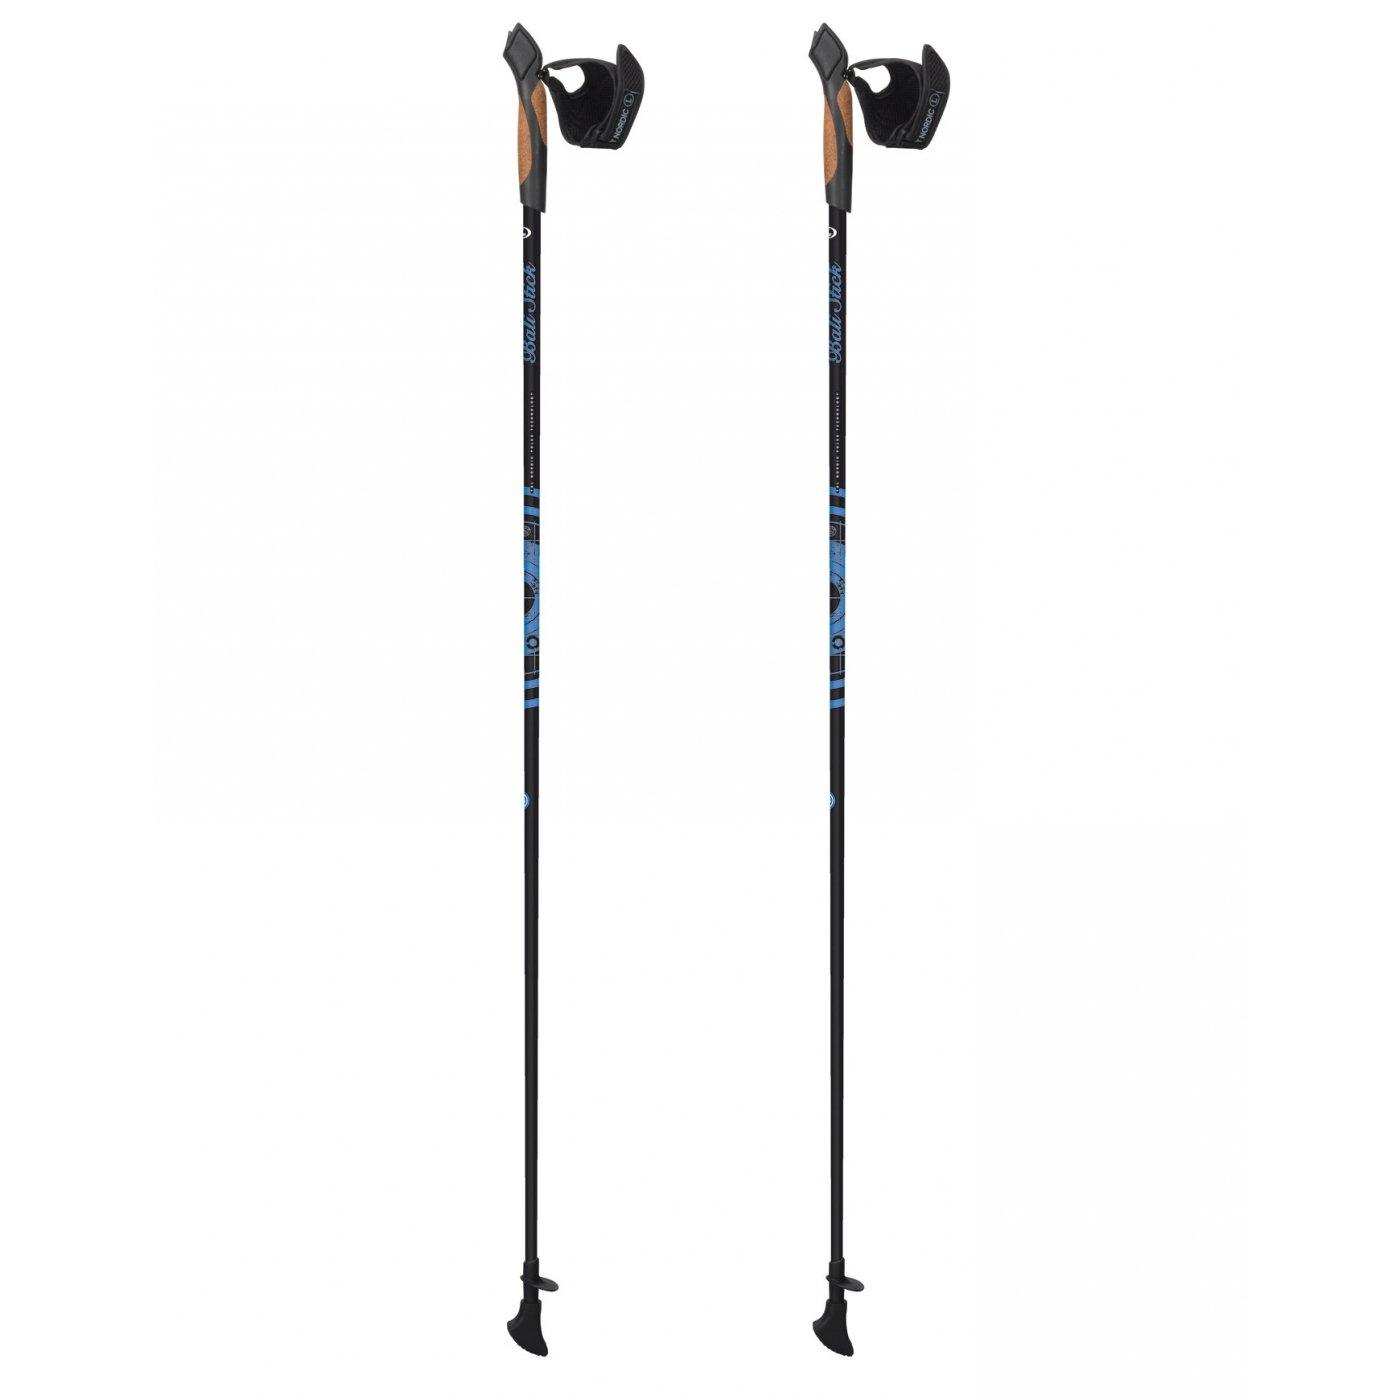 Stöcke Stöcke Stöcke Nordic Walking TSL Outdoor Bali Stick B0767LDH8Z Wanderstcke Qualität und Verbraucher an erster Stelle eeb088